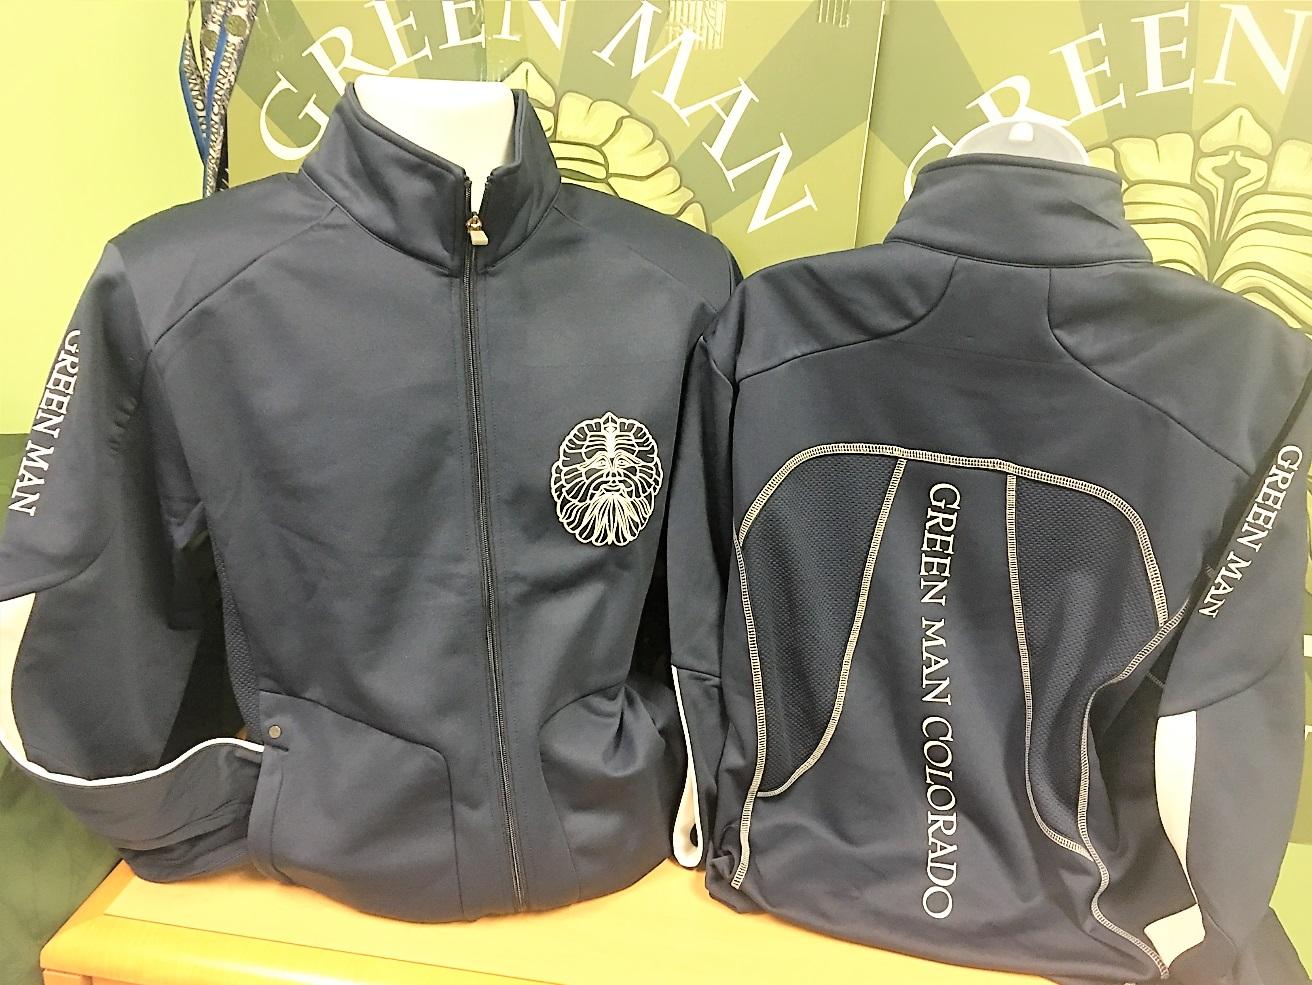 gmc-track-jackets